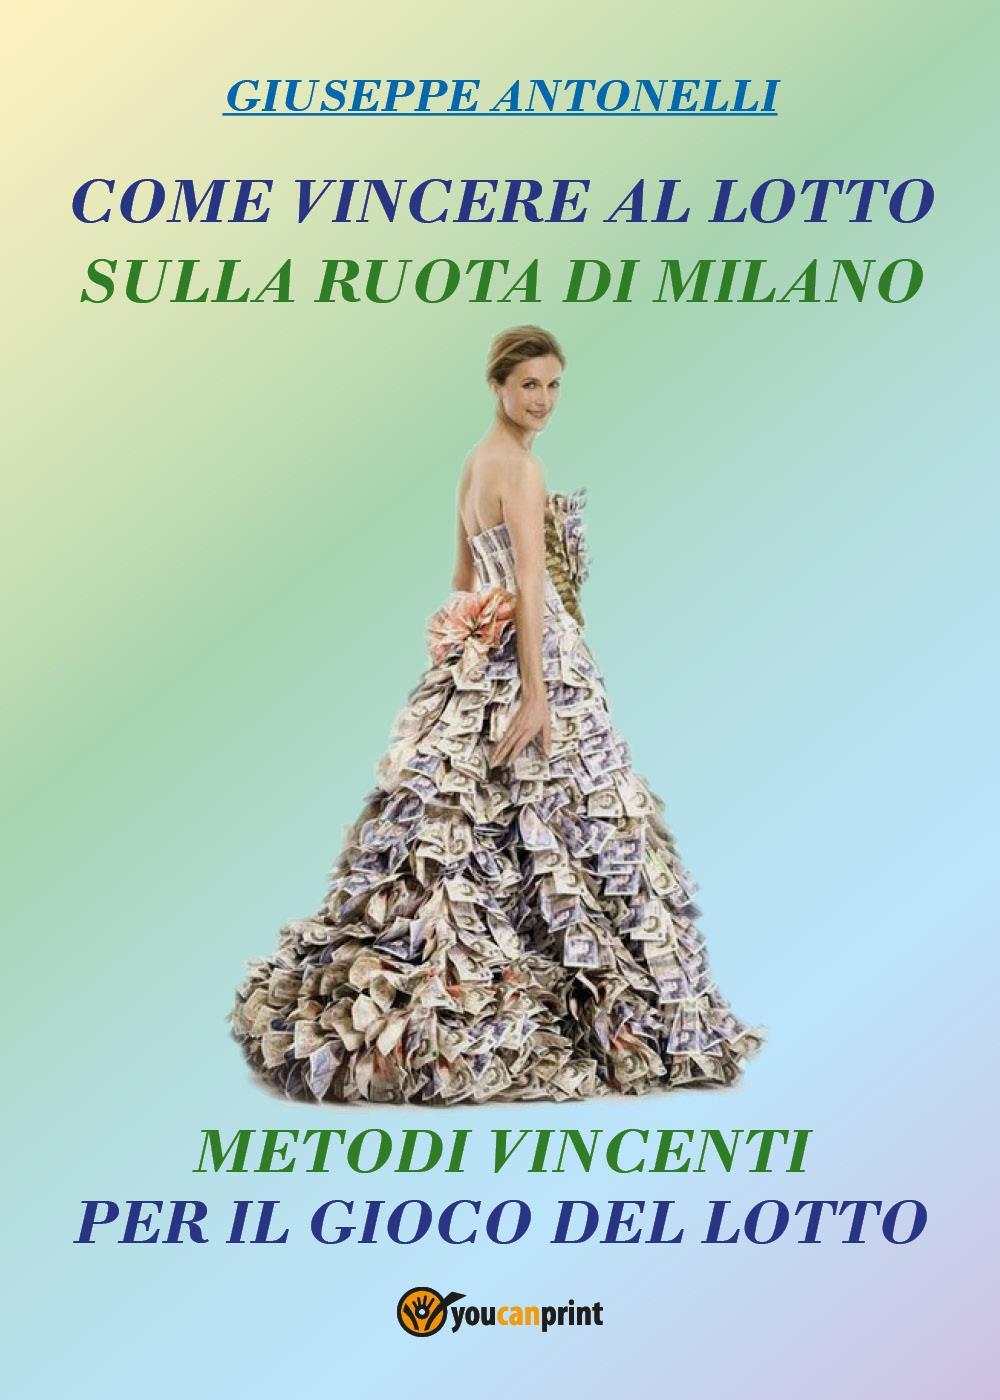 Come Vincere al Lotto sulla ruota di Milano